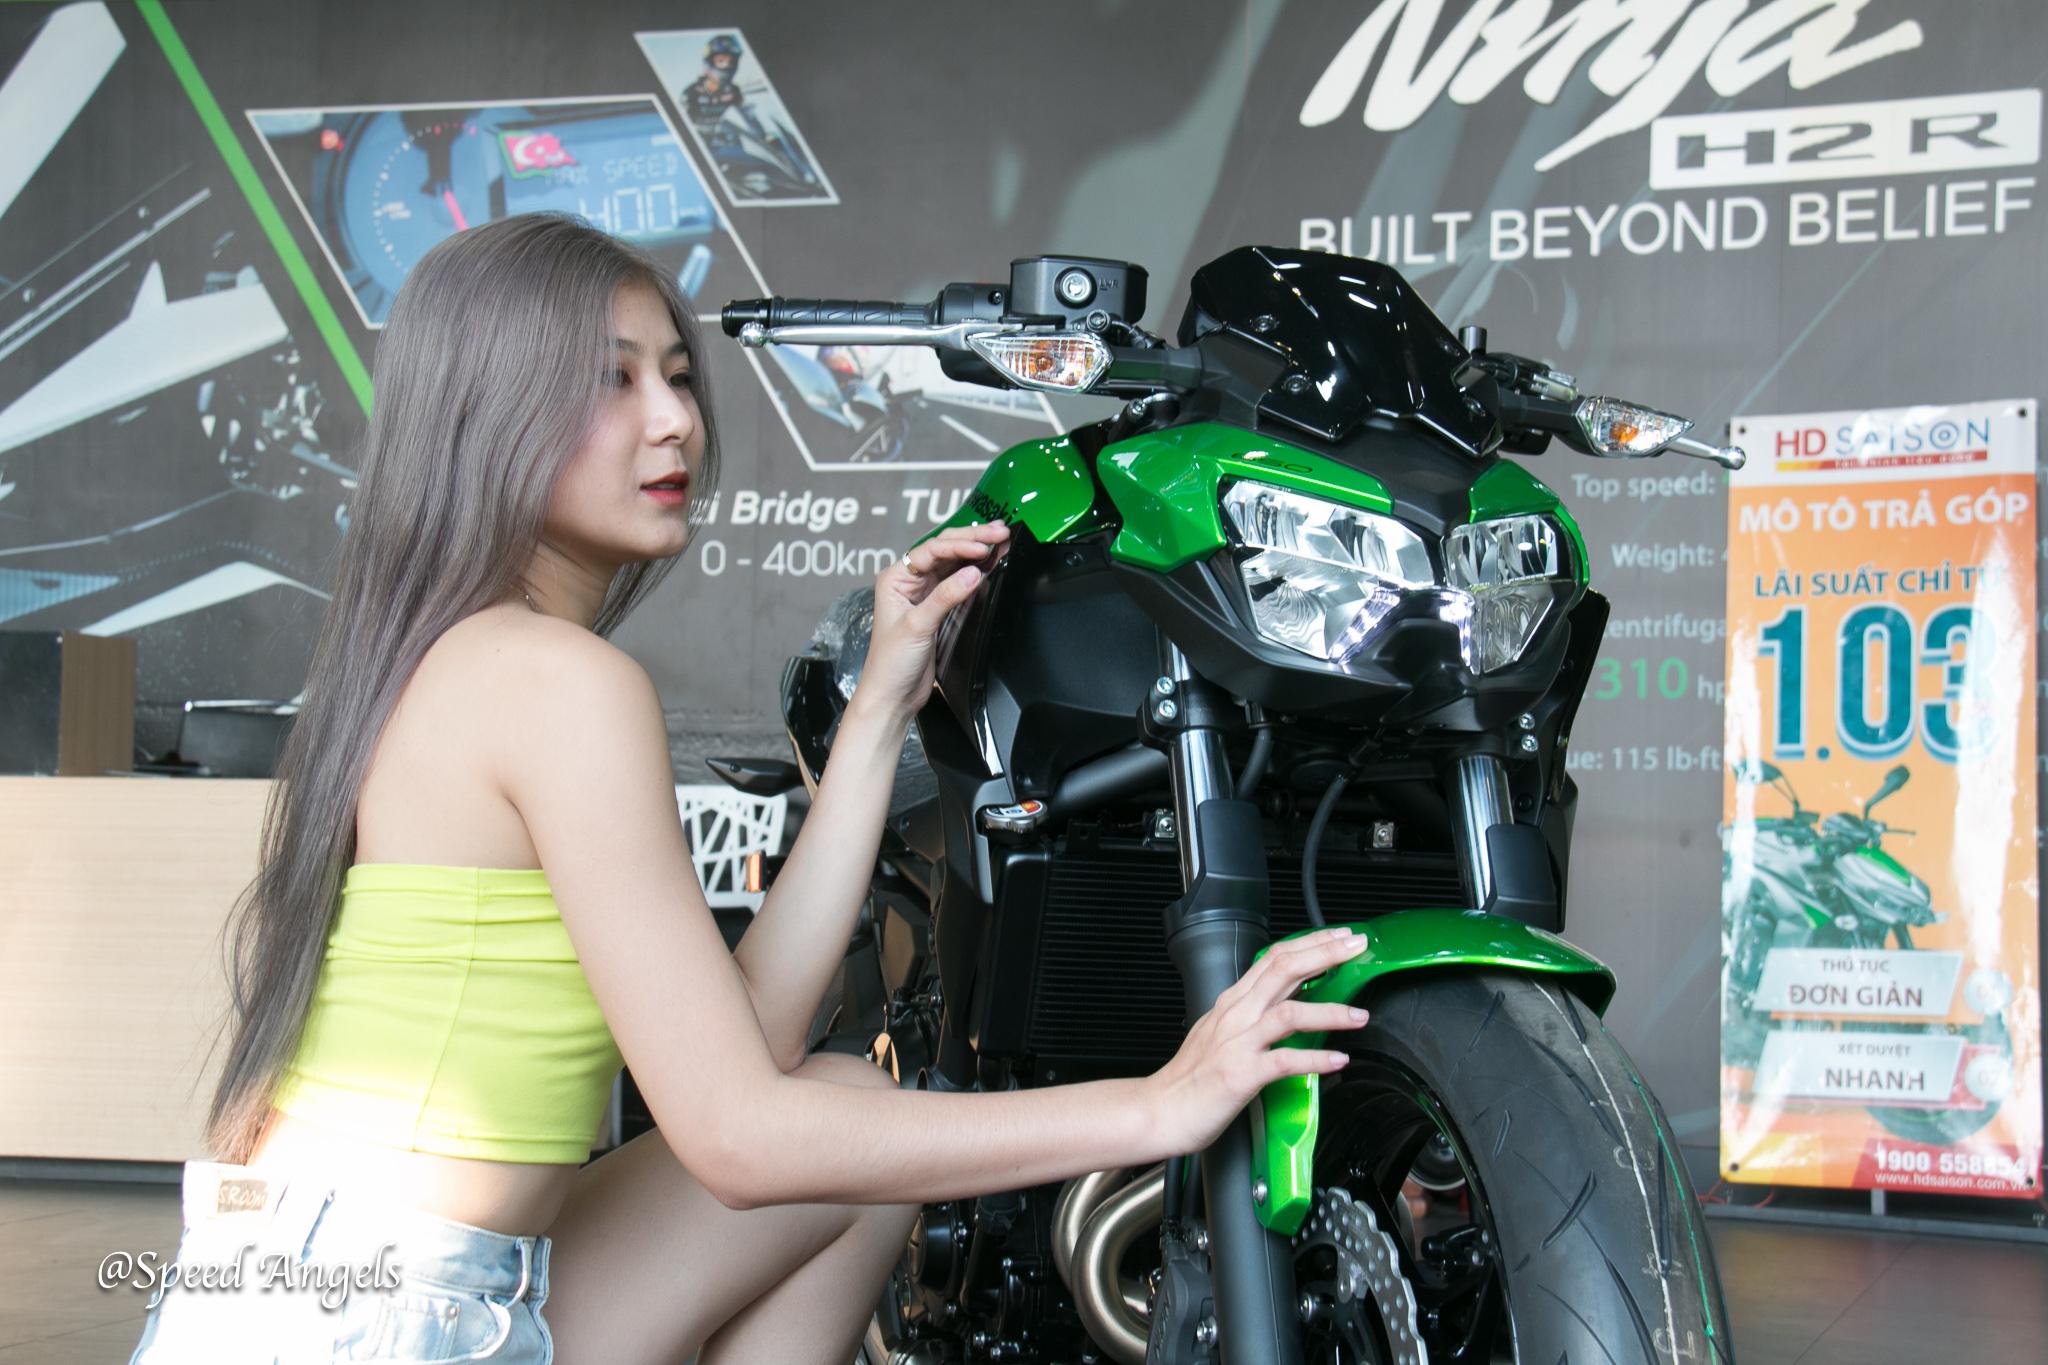 Giá xe Kawasaki moto pkl mới nhất hôm nay tháng 3 2020